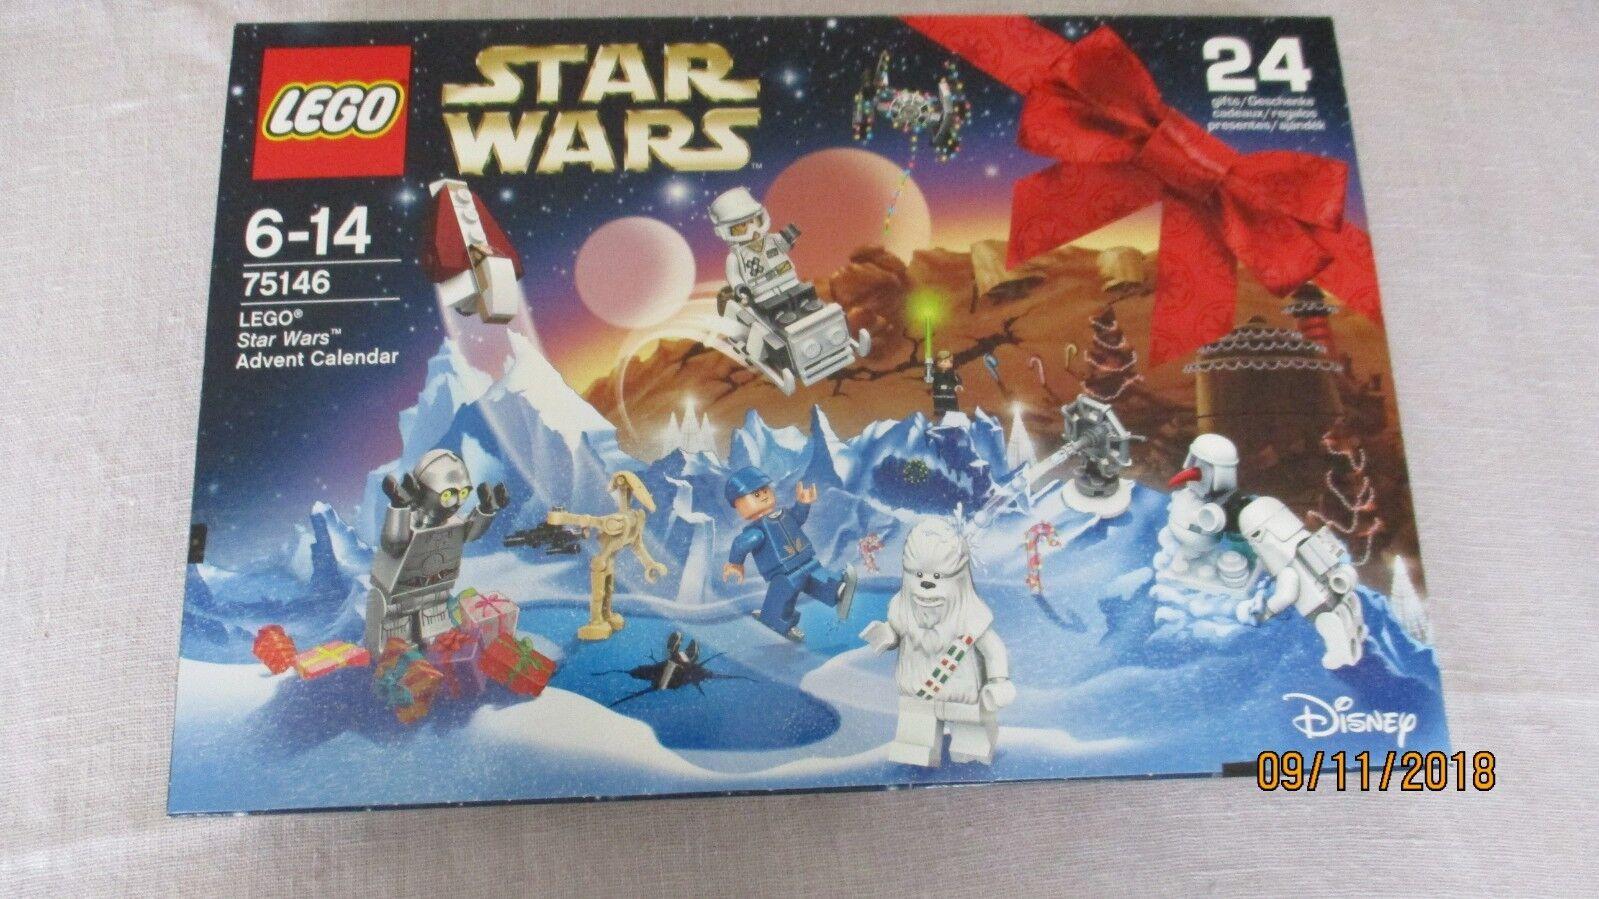 Nqeiad3343 L'avent Wars De Neuf Lego Star 75146 Calendrier qc4jL35AR